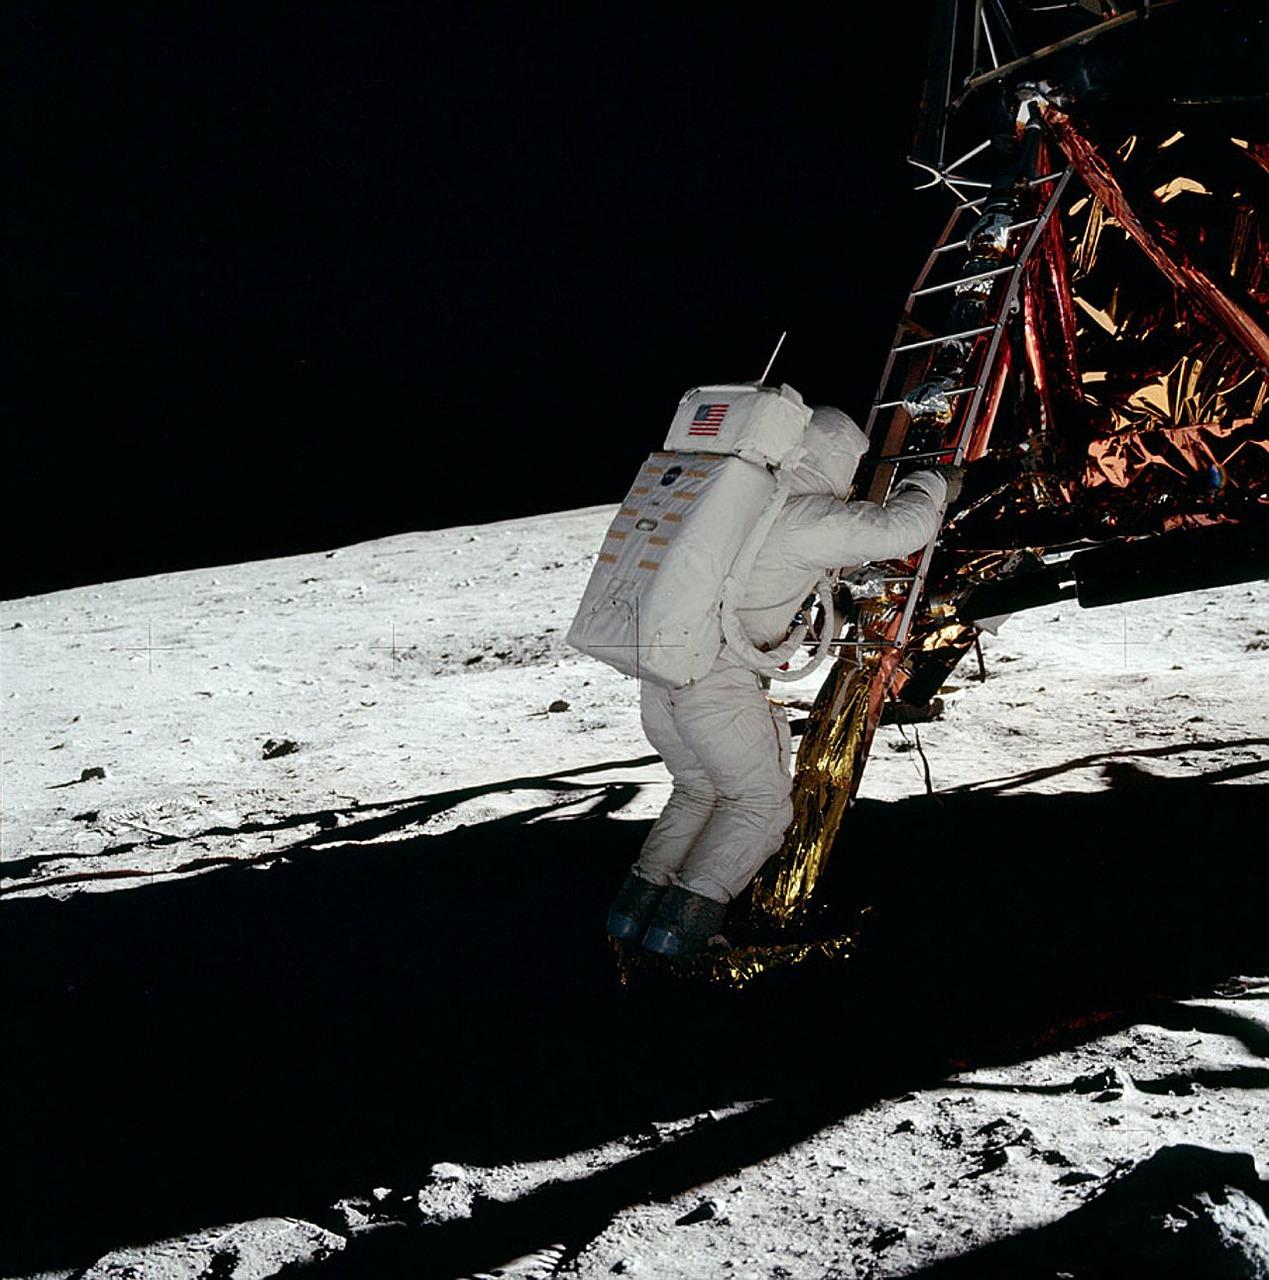 Utracili kontakt ze statkiem, który próbował wylądować na Księżycu